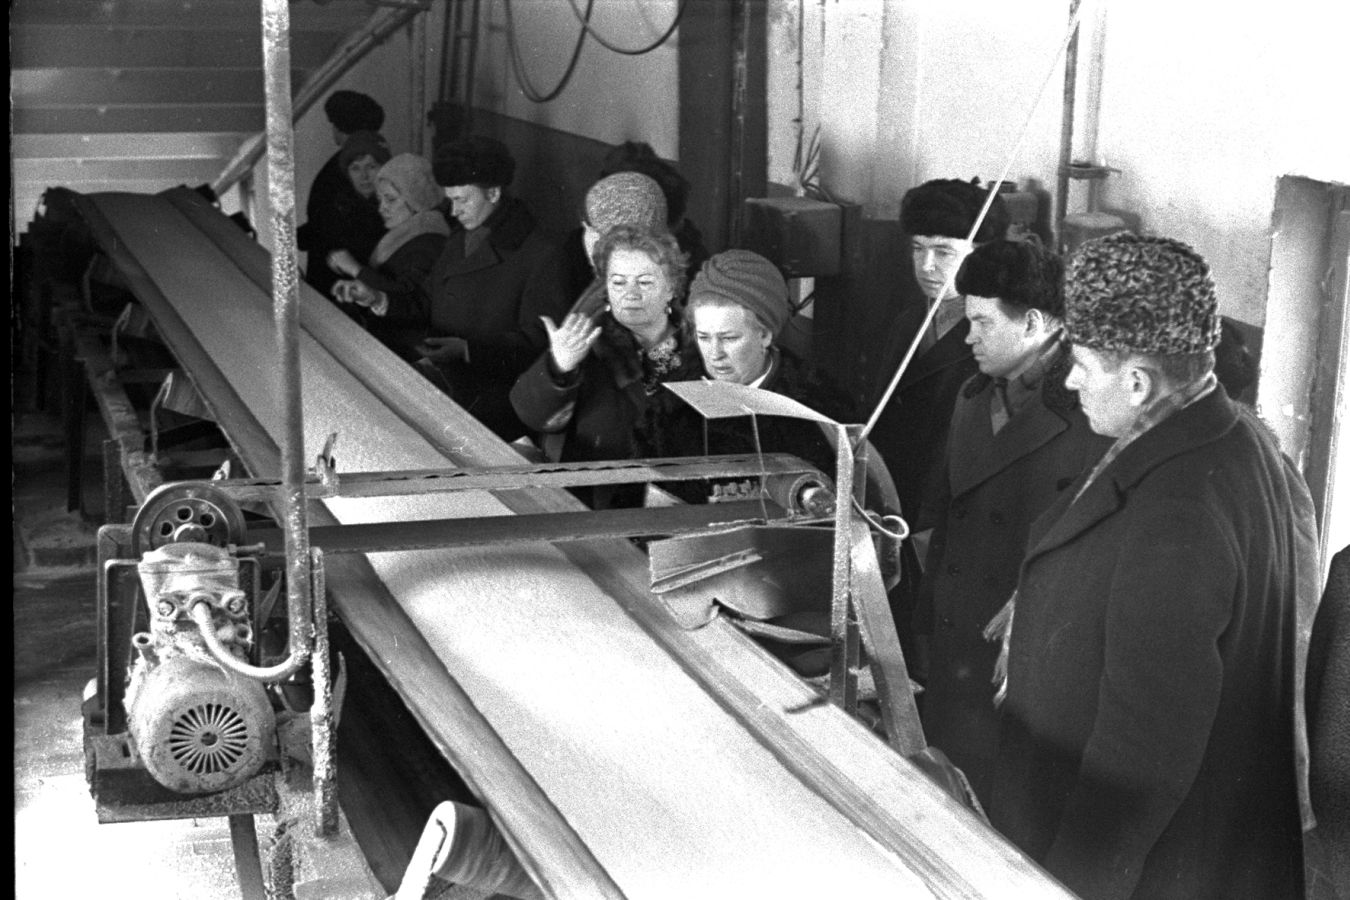 Ввод в эксплуатацию первых производственных мощностей: слабой азотной кислоты и аммиачной селитры на привозном аммиаке.